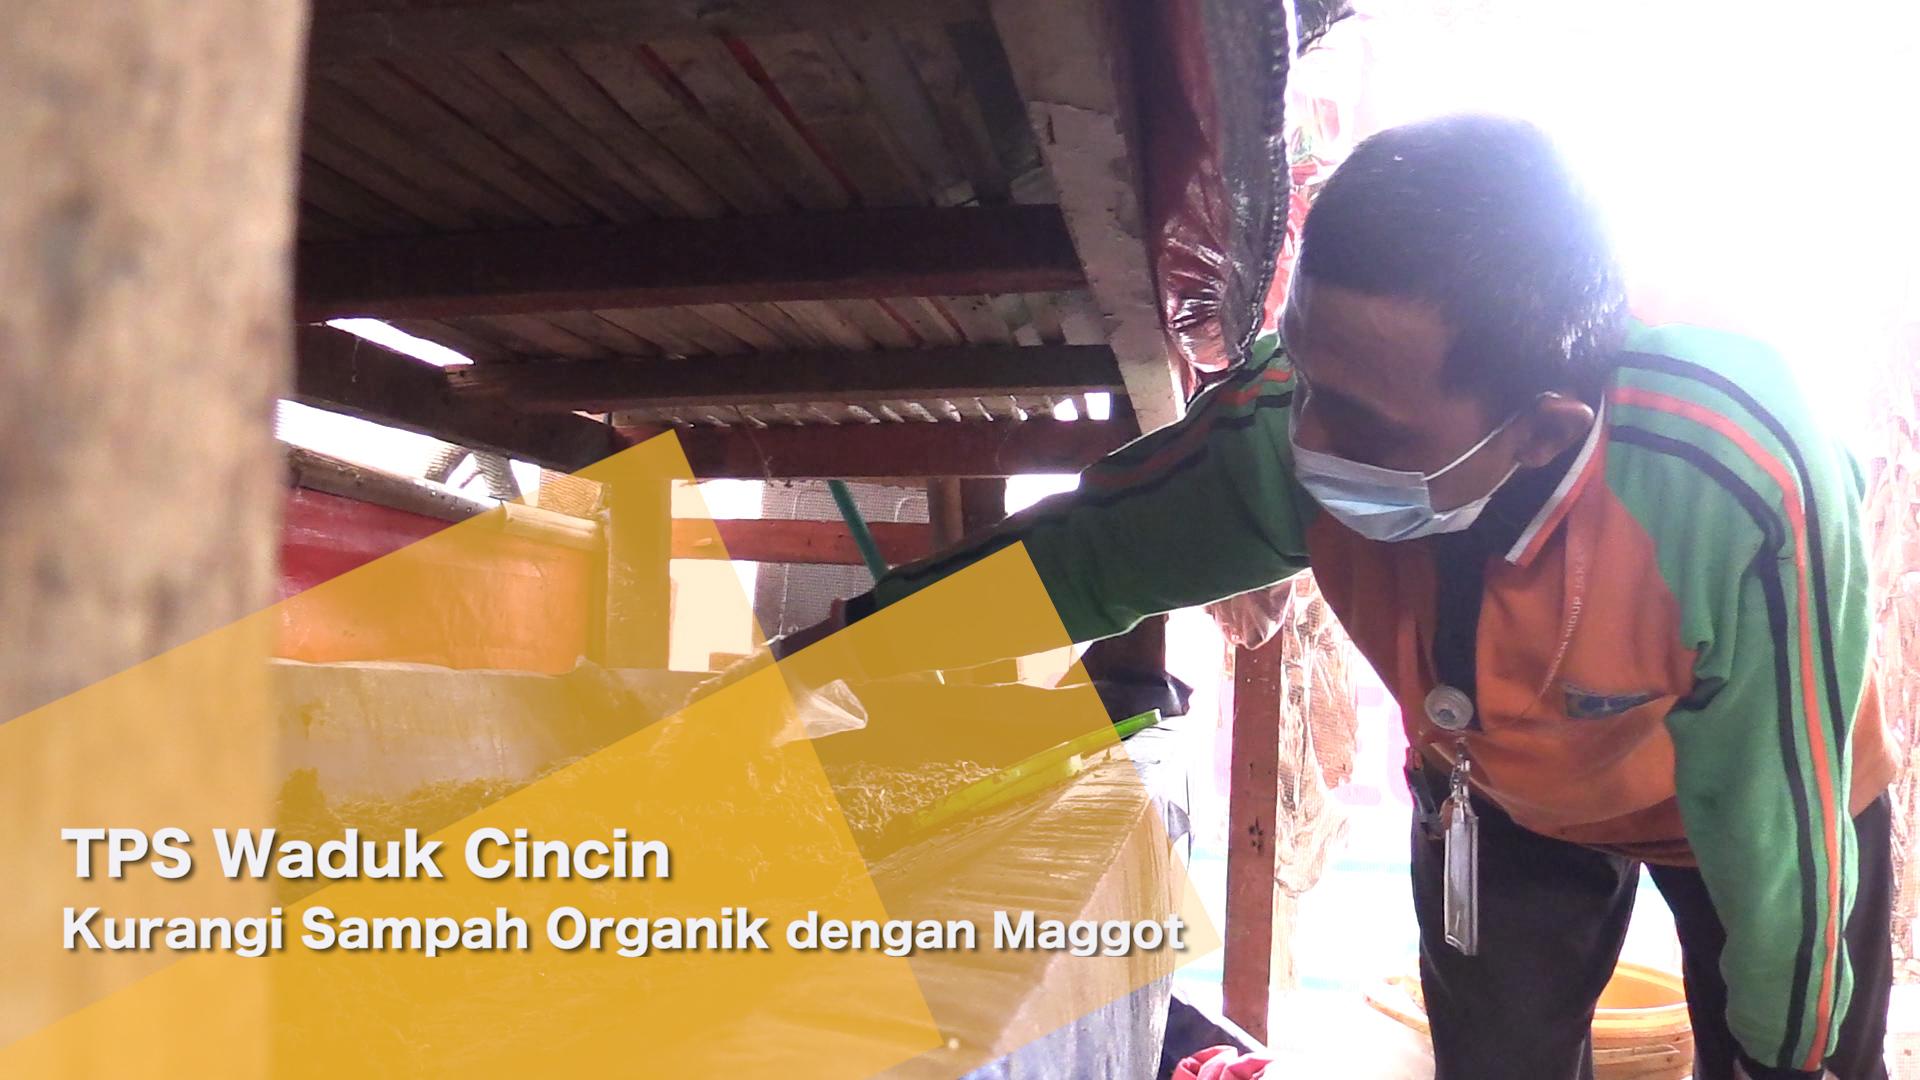 TPS Waduk Cincin Kurangi Sampah Organik dengan Maggot